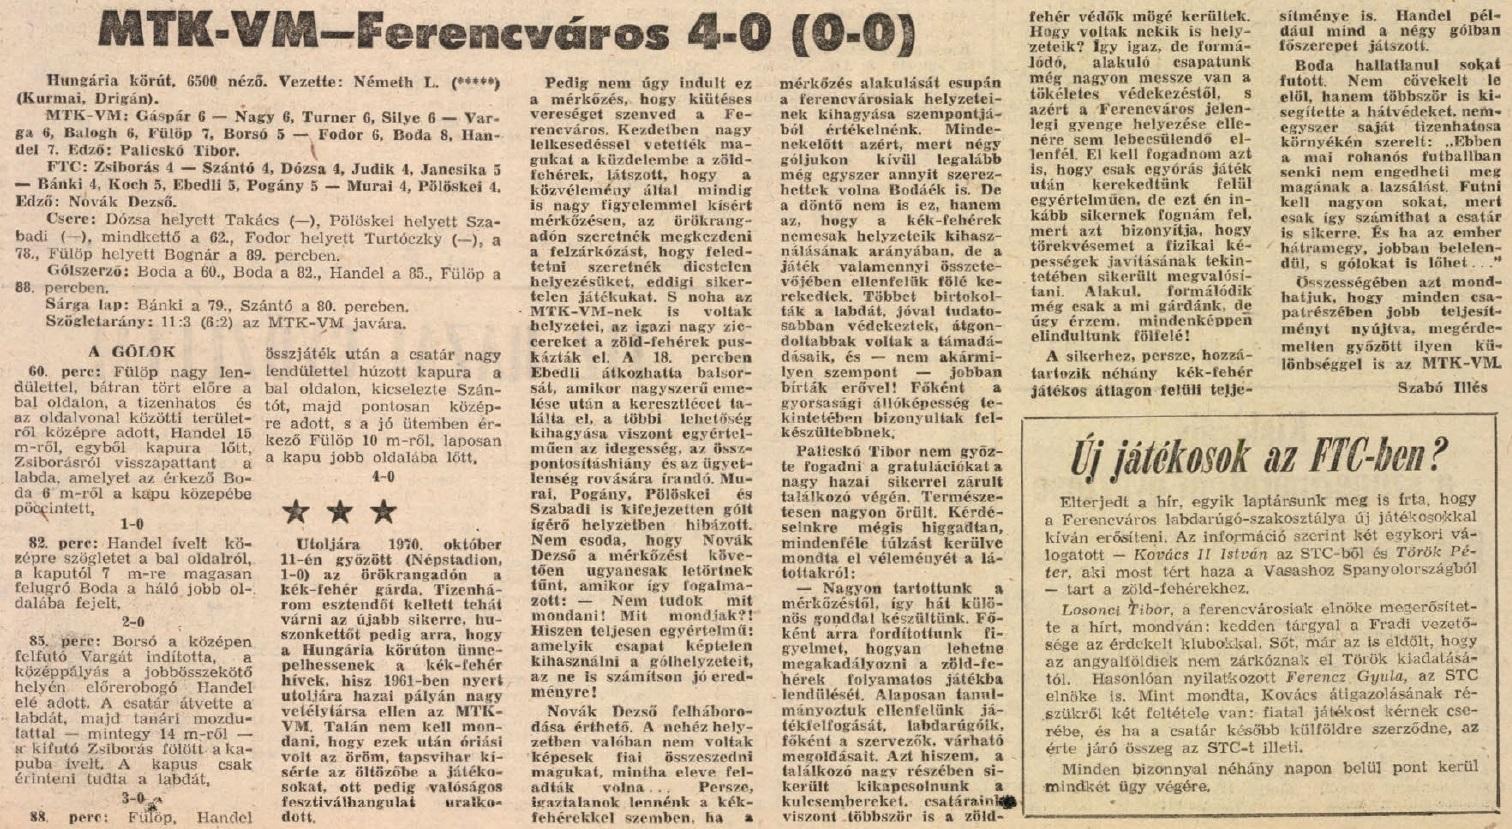 idokapszula_nb_i_1983_84_12_fordulo_mtk_vm_ferencvaros.jpg